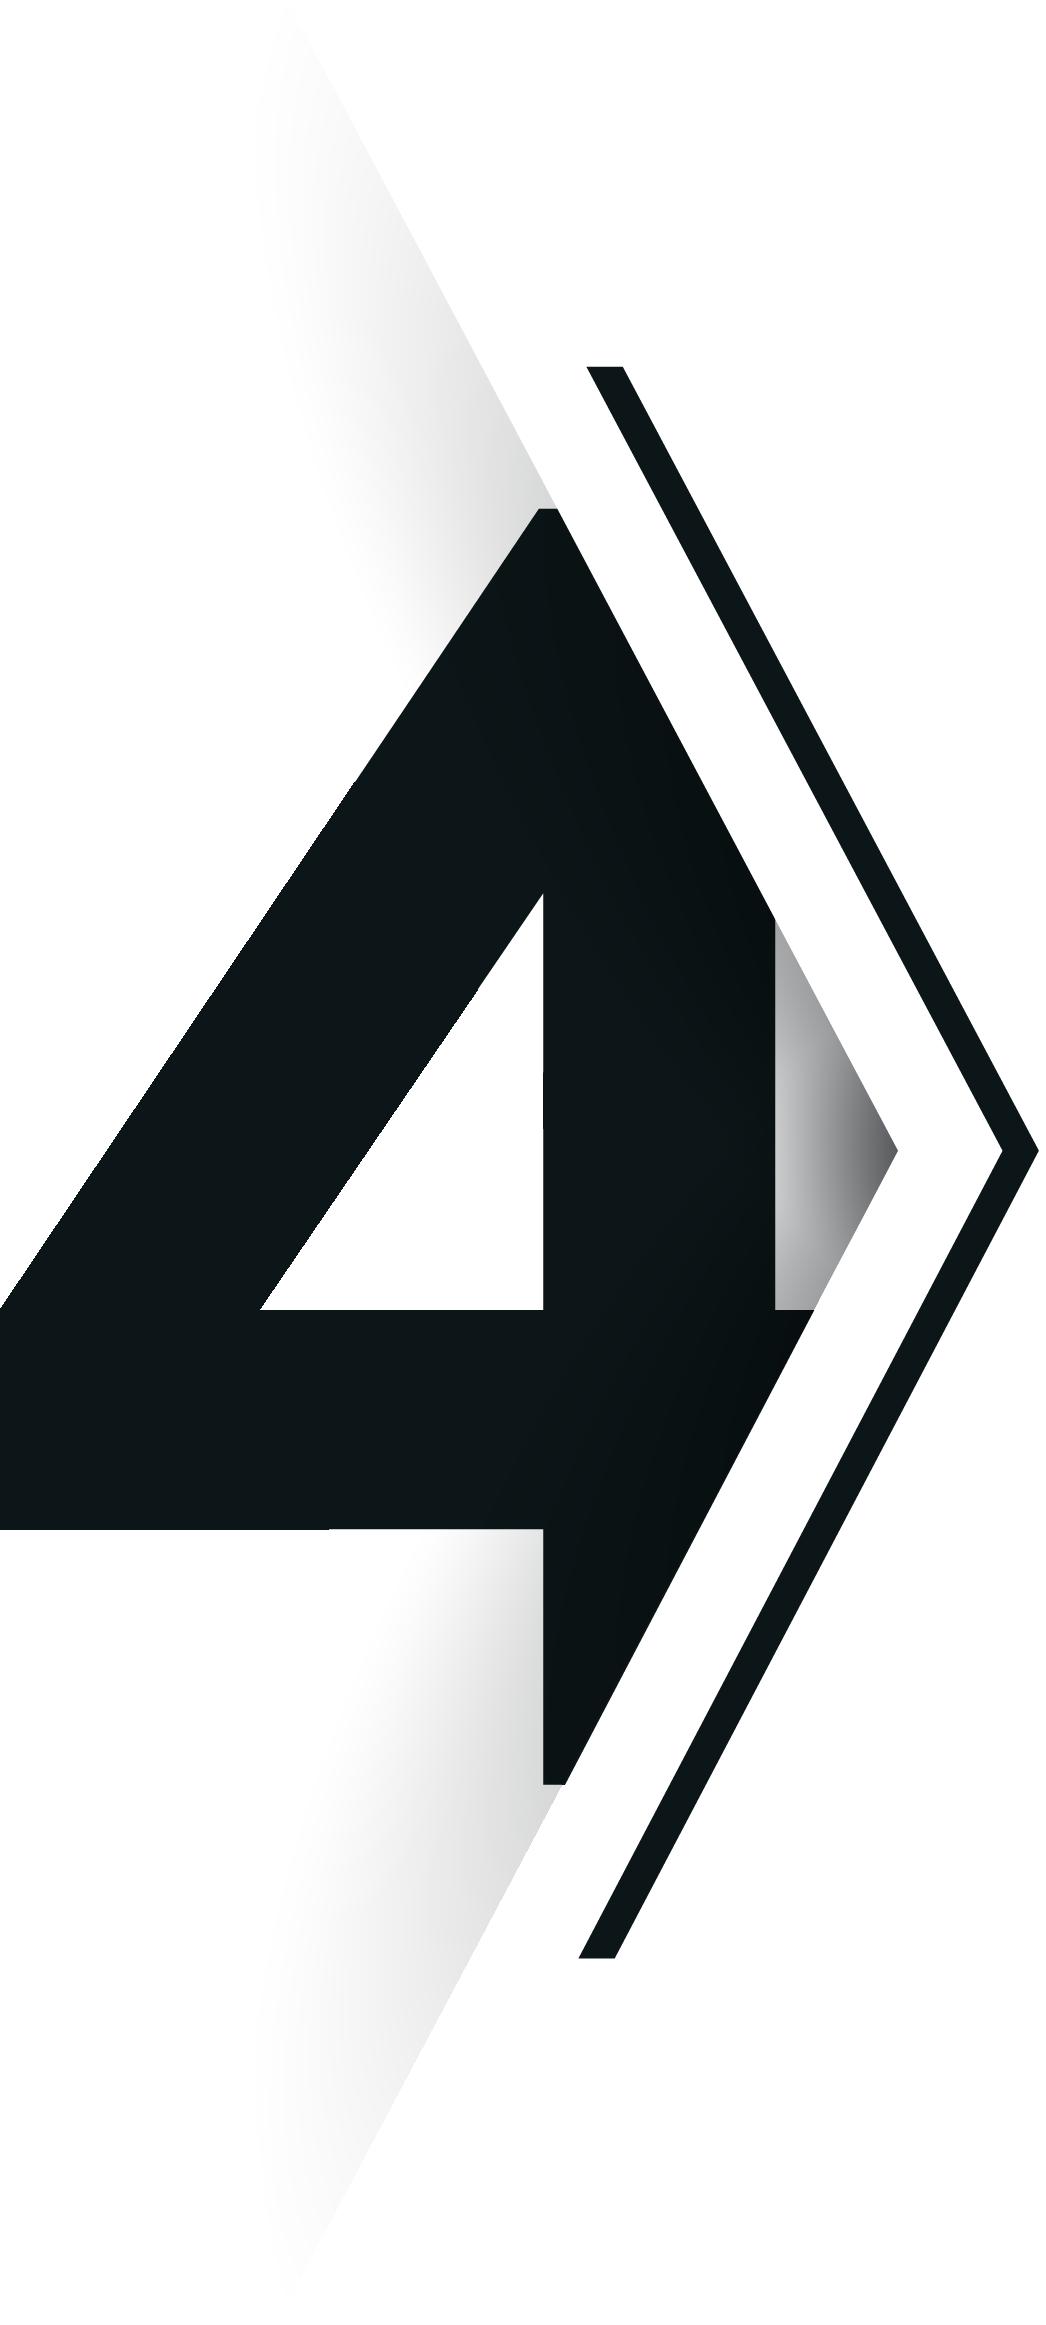 # 4 design